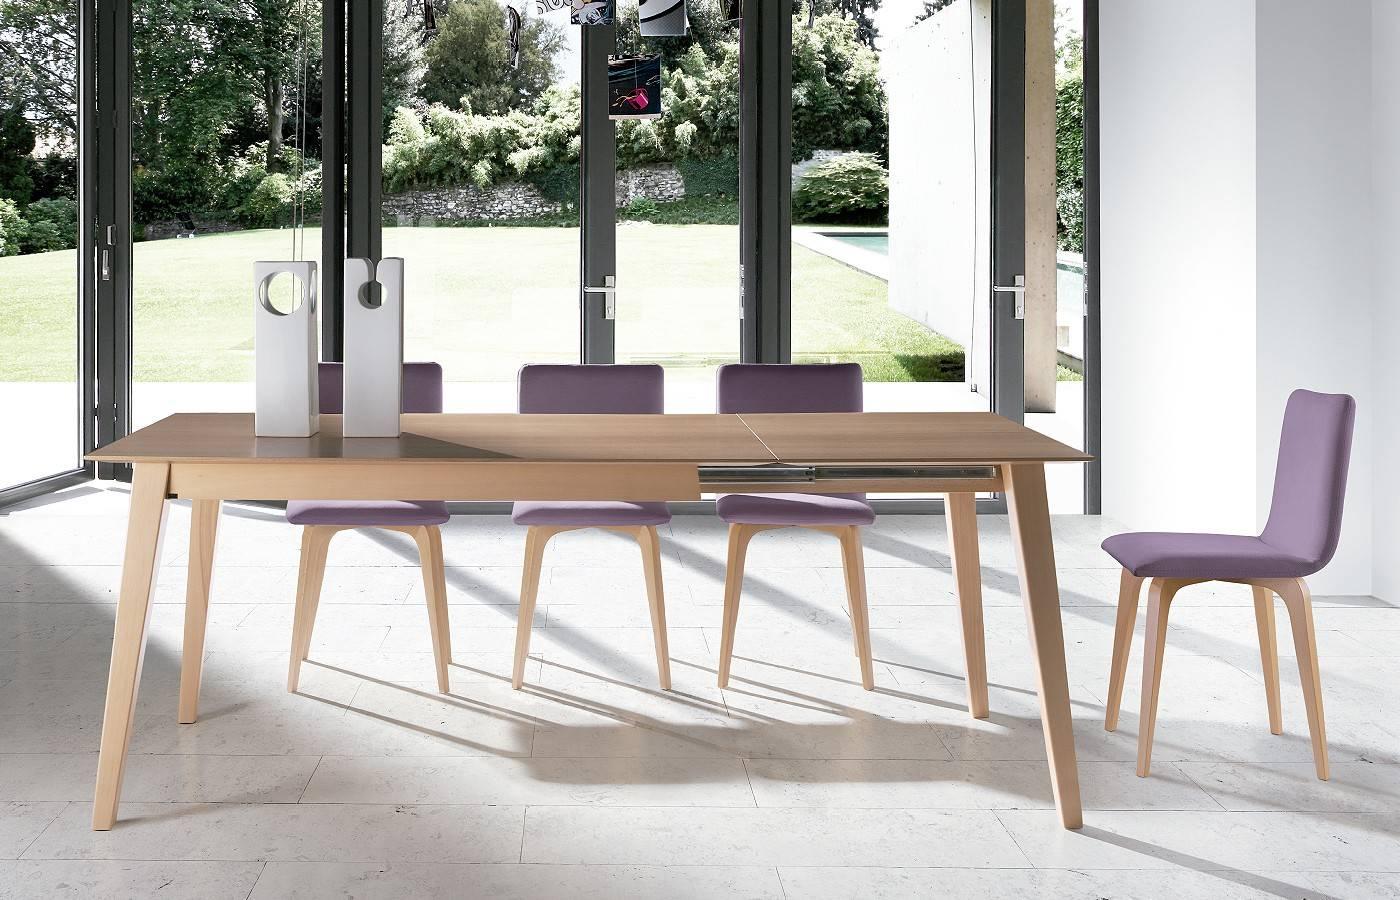 Conjunto mesa sillas nordkapp dismobel for Conjunto sillas comedor